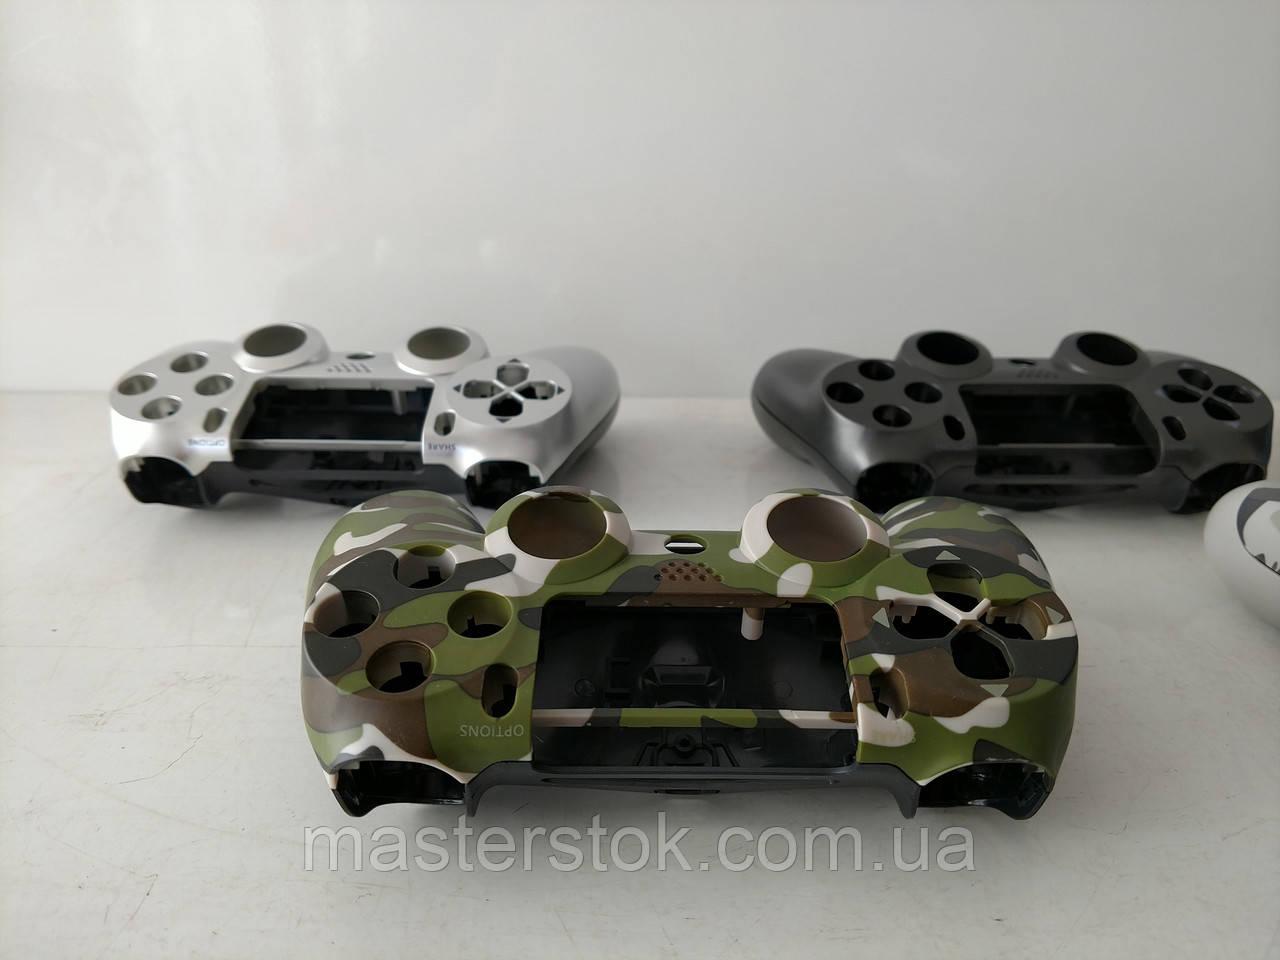 Новые корпуса для джойстиков Playstation 4 ( Pro/Slim JDM 040, JDS-040 5